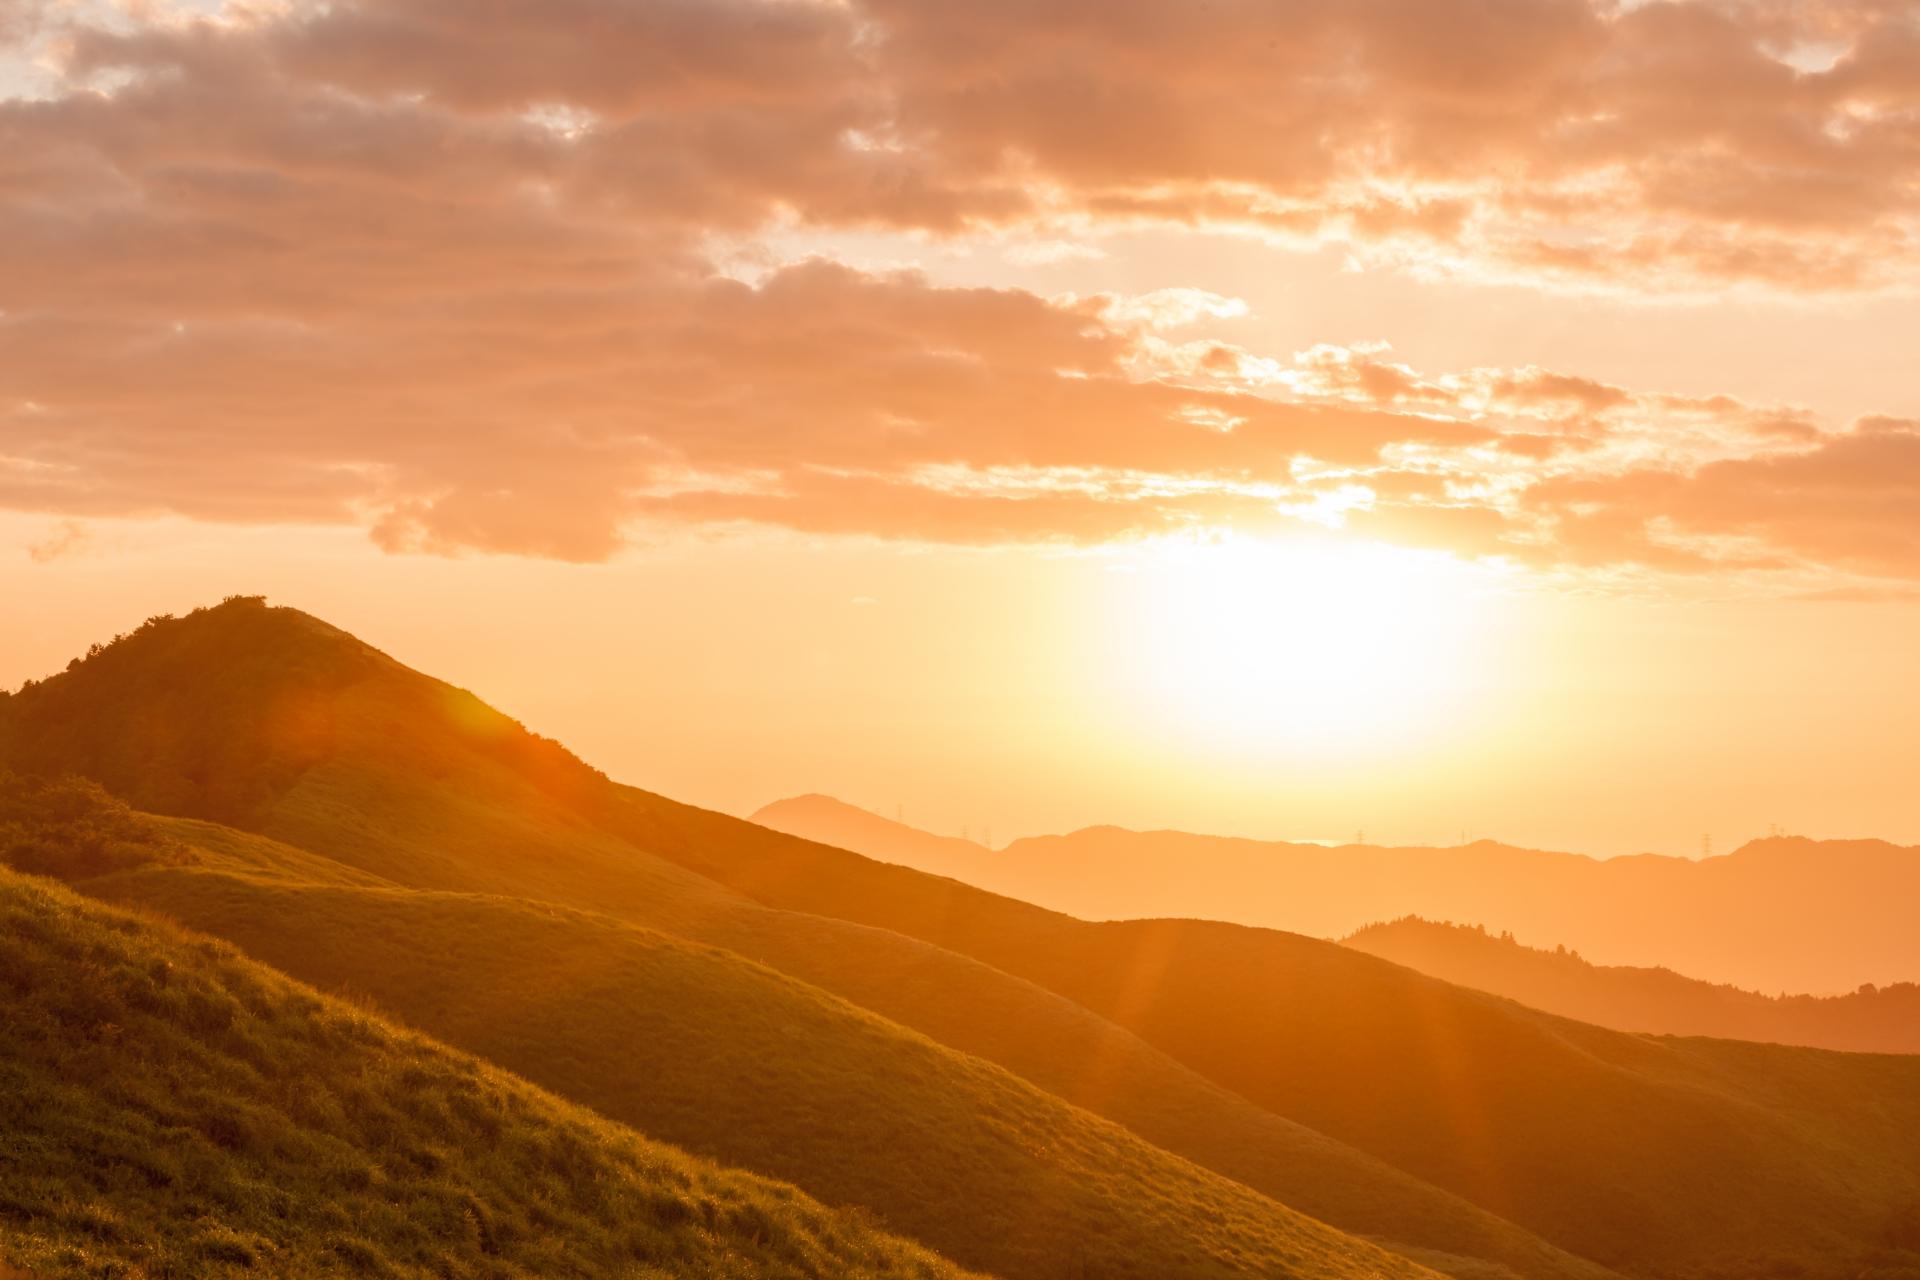 しみじみとした秋山はゆっくり楽しみたいが、ゆっくりし過ぎるとあっという間に日が暮れる